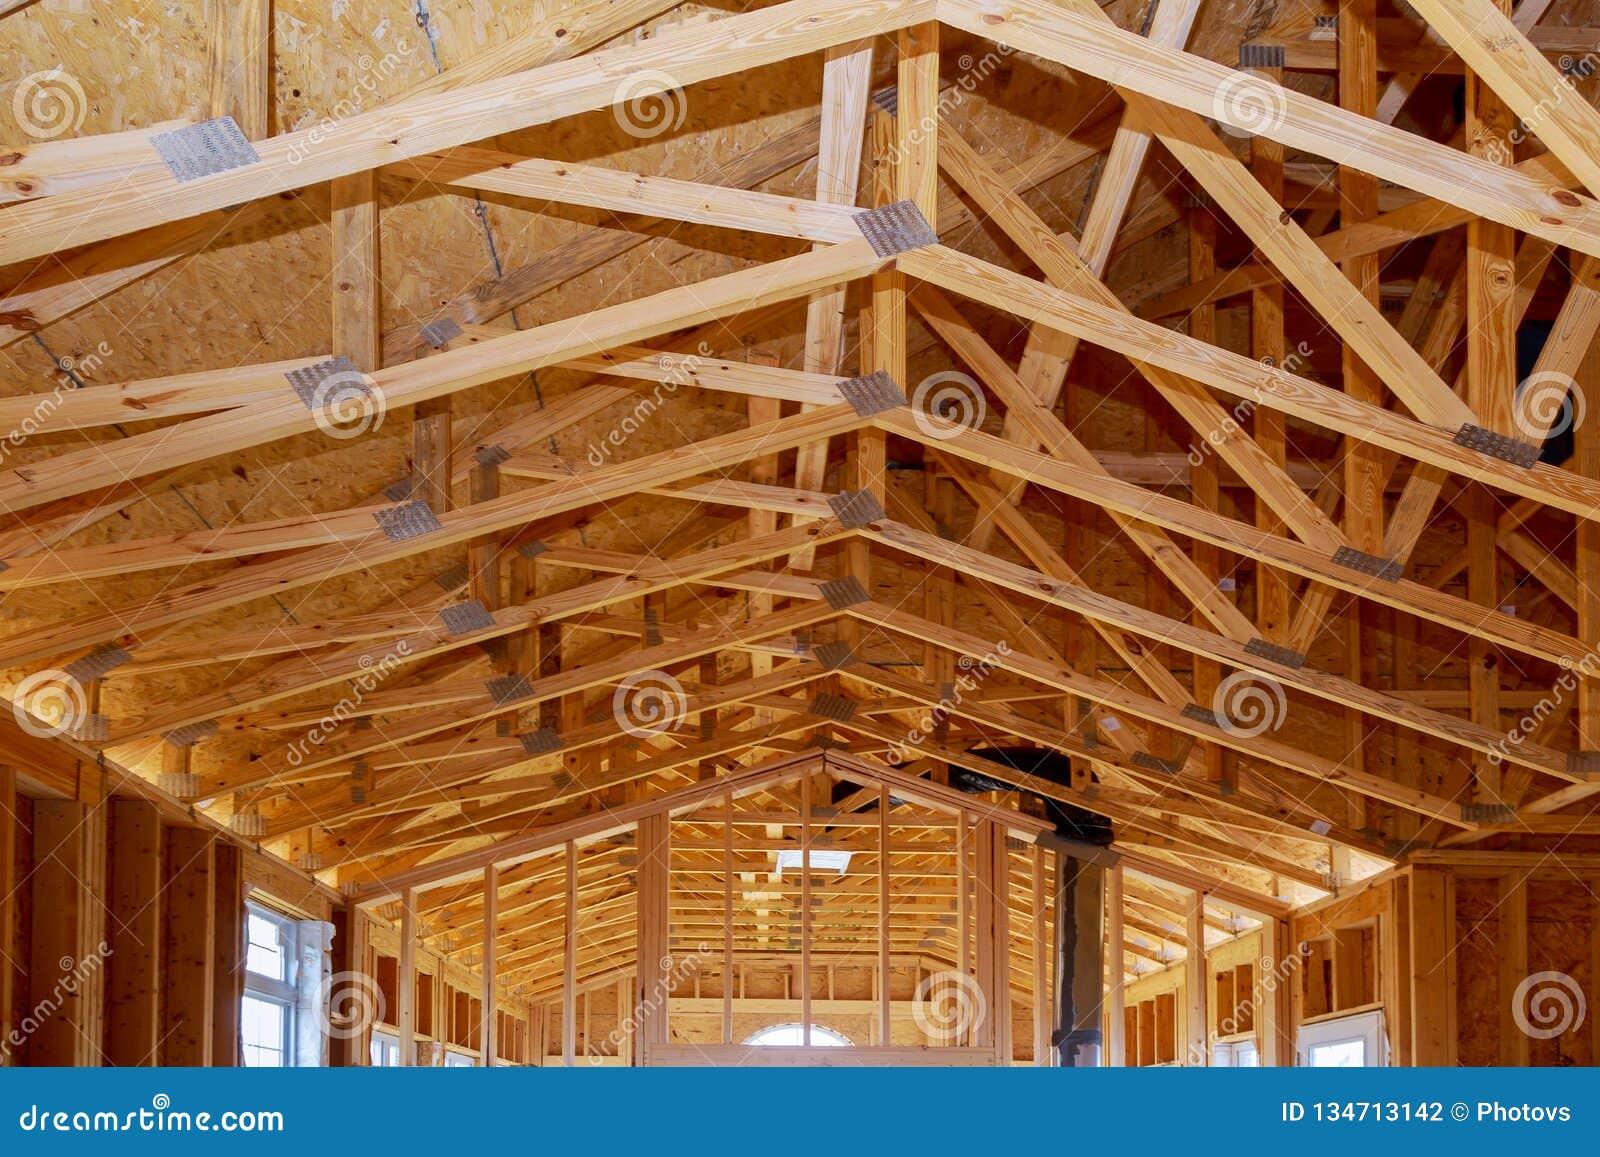 Ручка конца-вверх новая построила домой под конструкцией под рамкой структуры голубого неба обрамляя деревянной деревянных домов